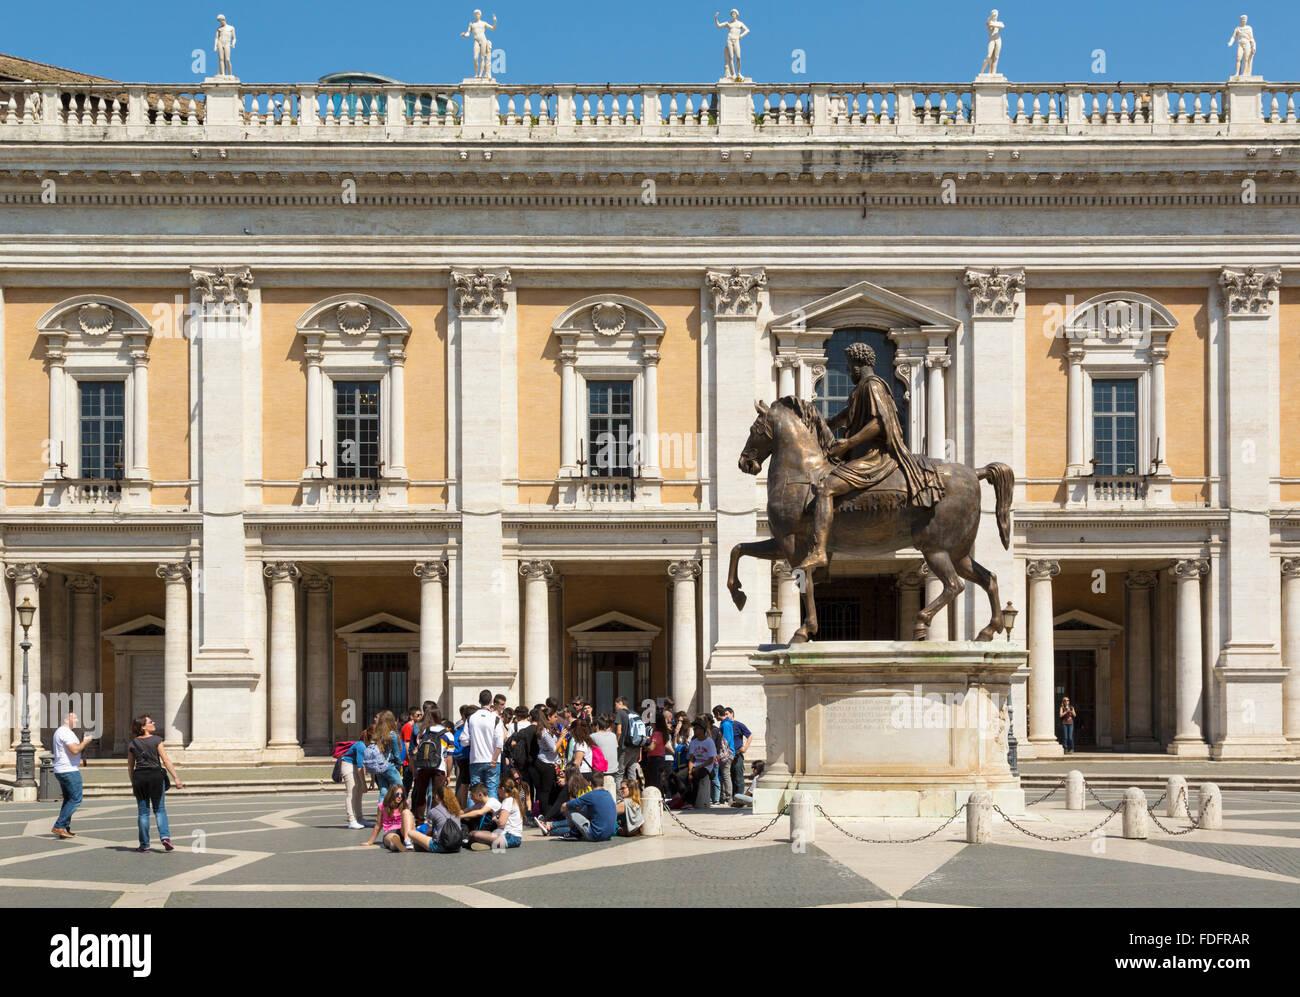 Rome, Italie. Piazza del Campidoglio, avec copie de la statue équestre de Marc-Aurèle. Photo Stock